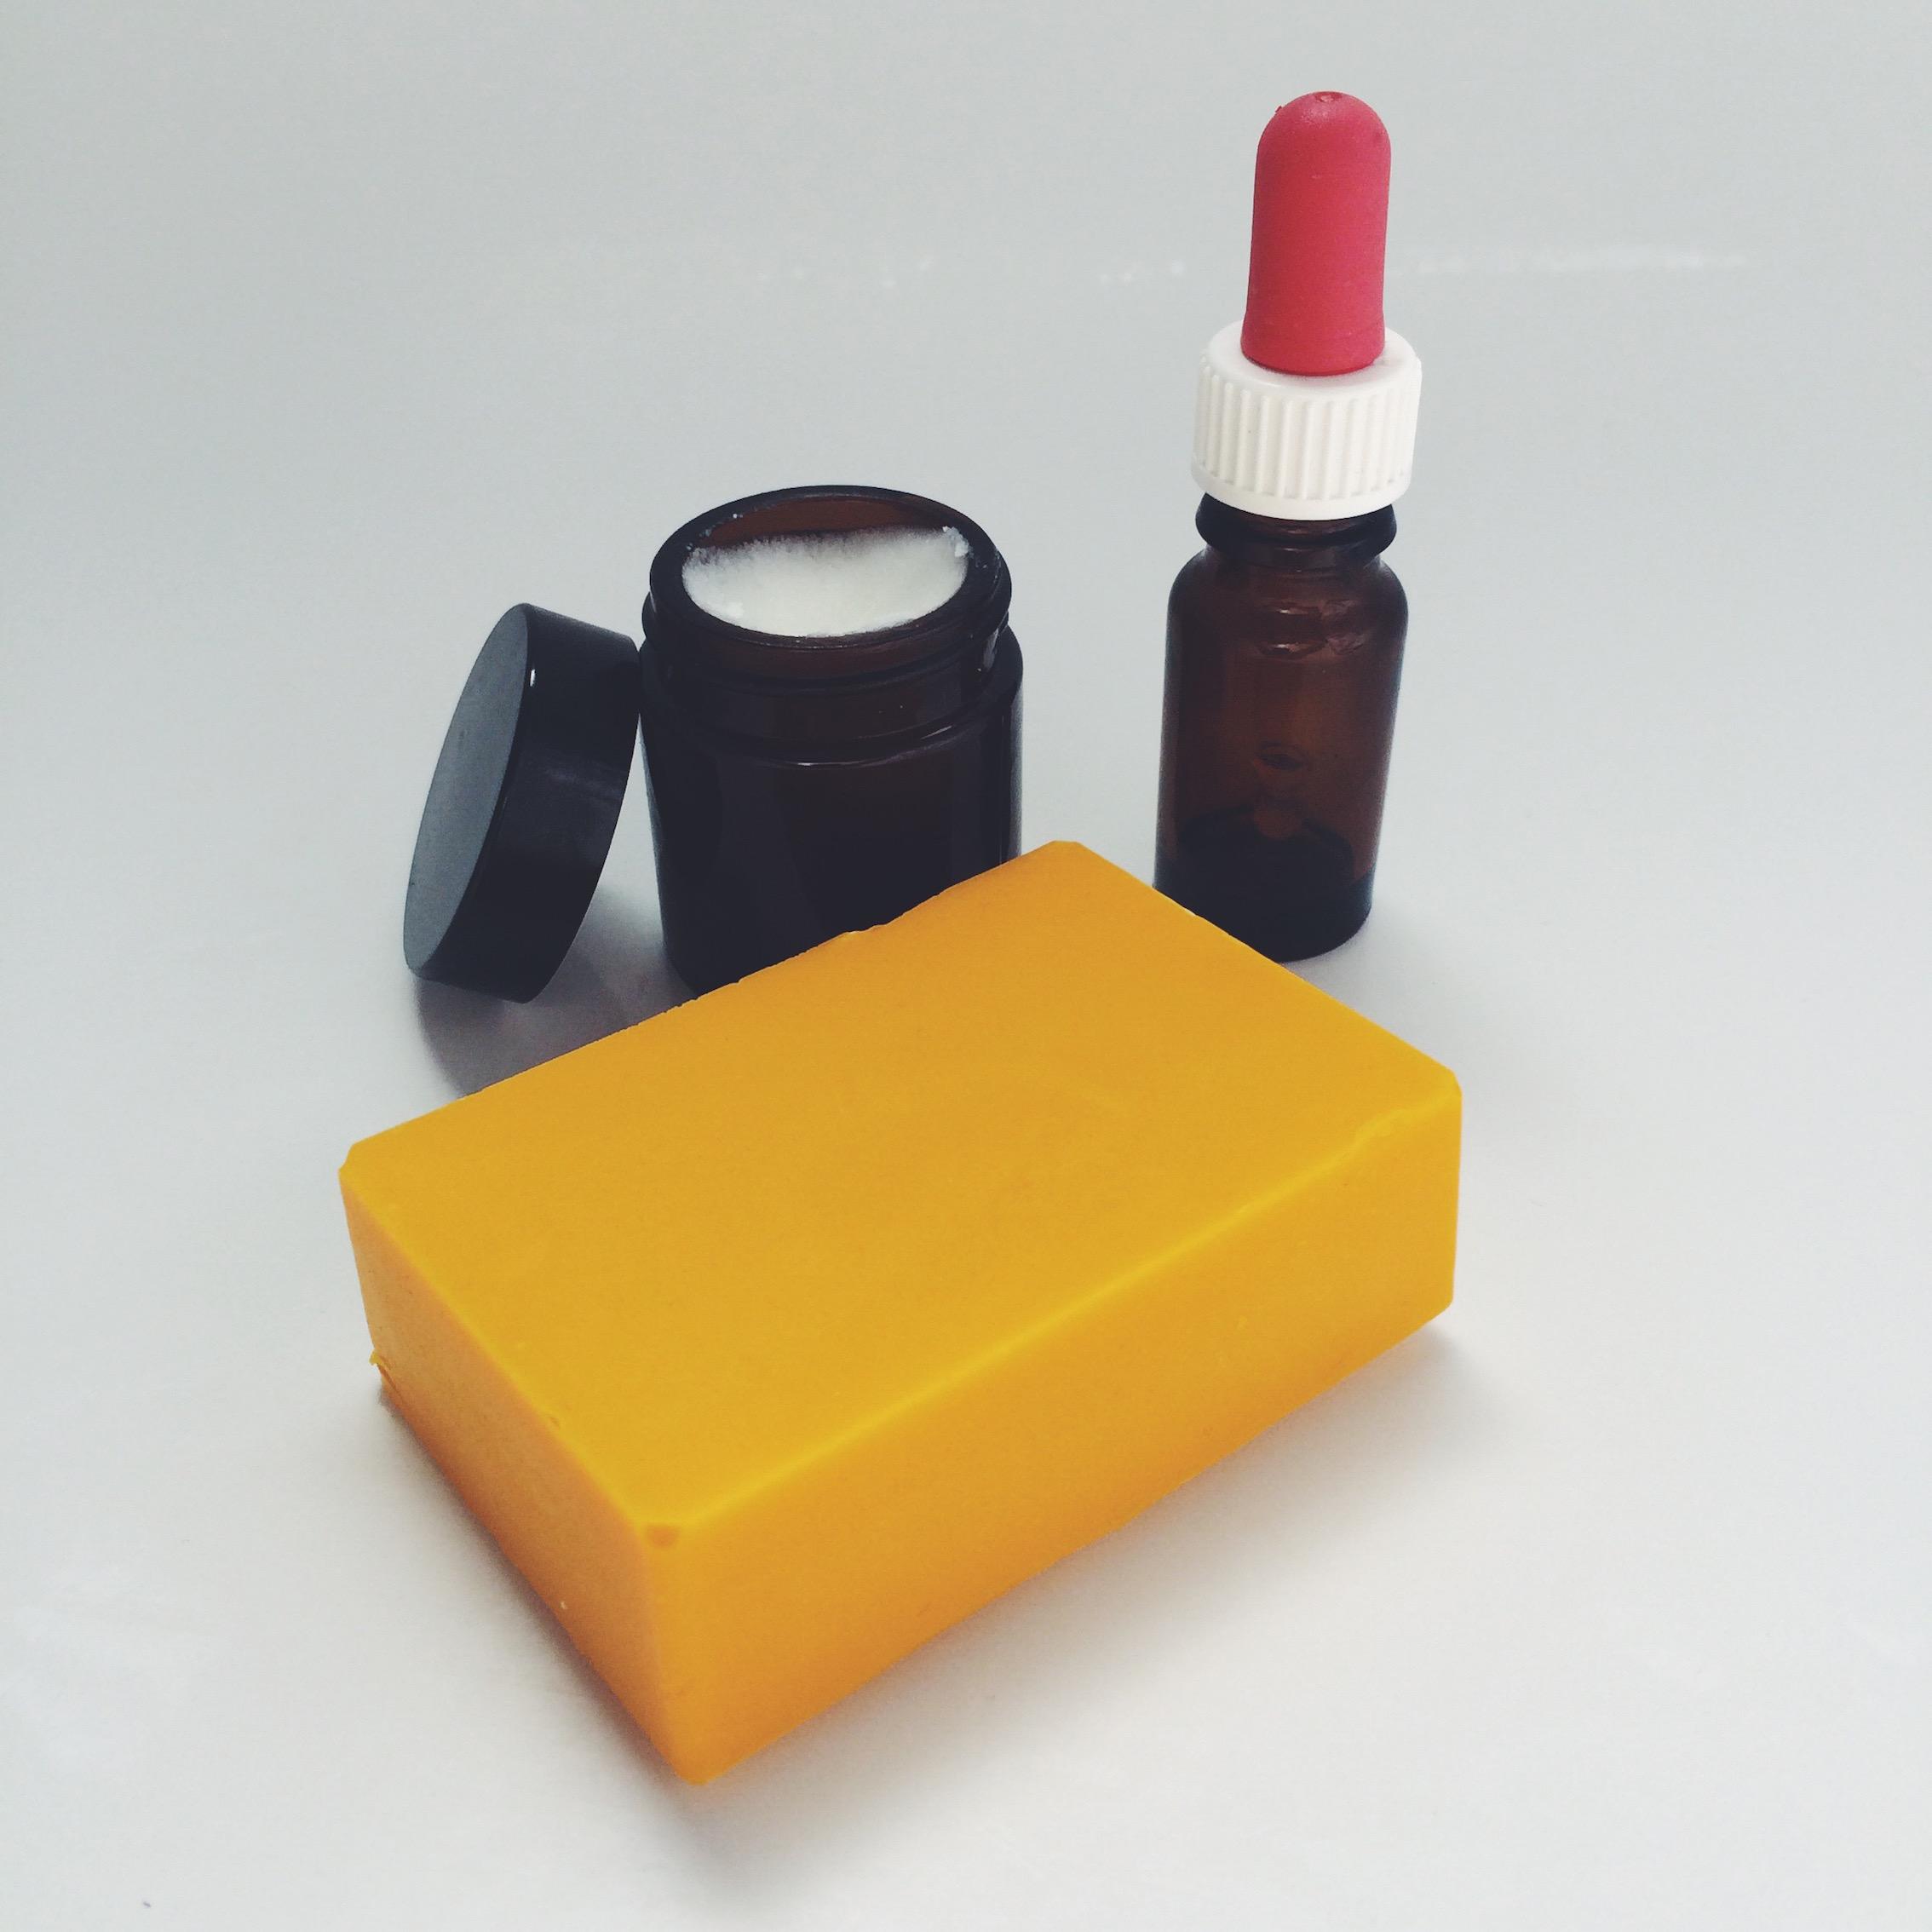 Gründe für eine trockene Haut und die Lösung dafür